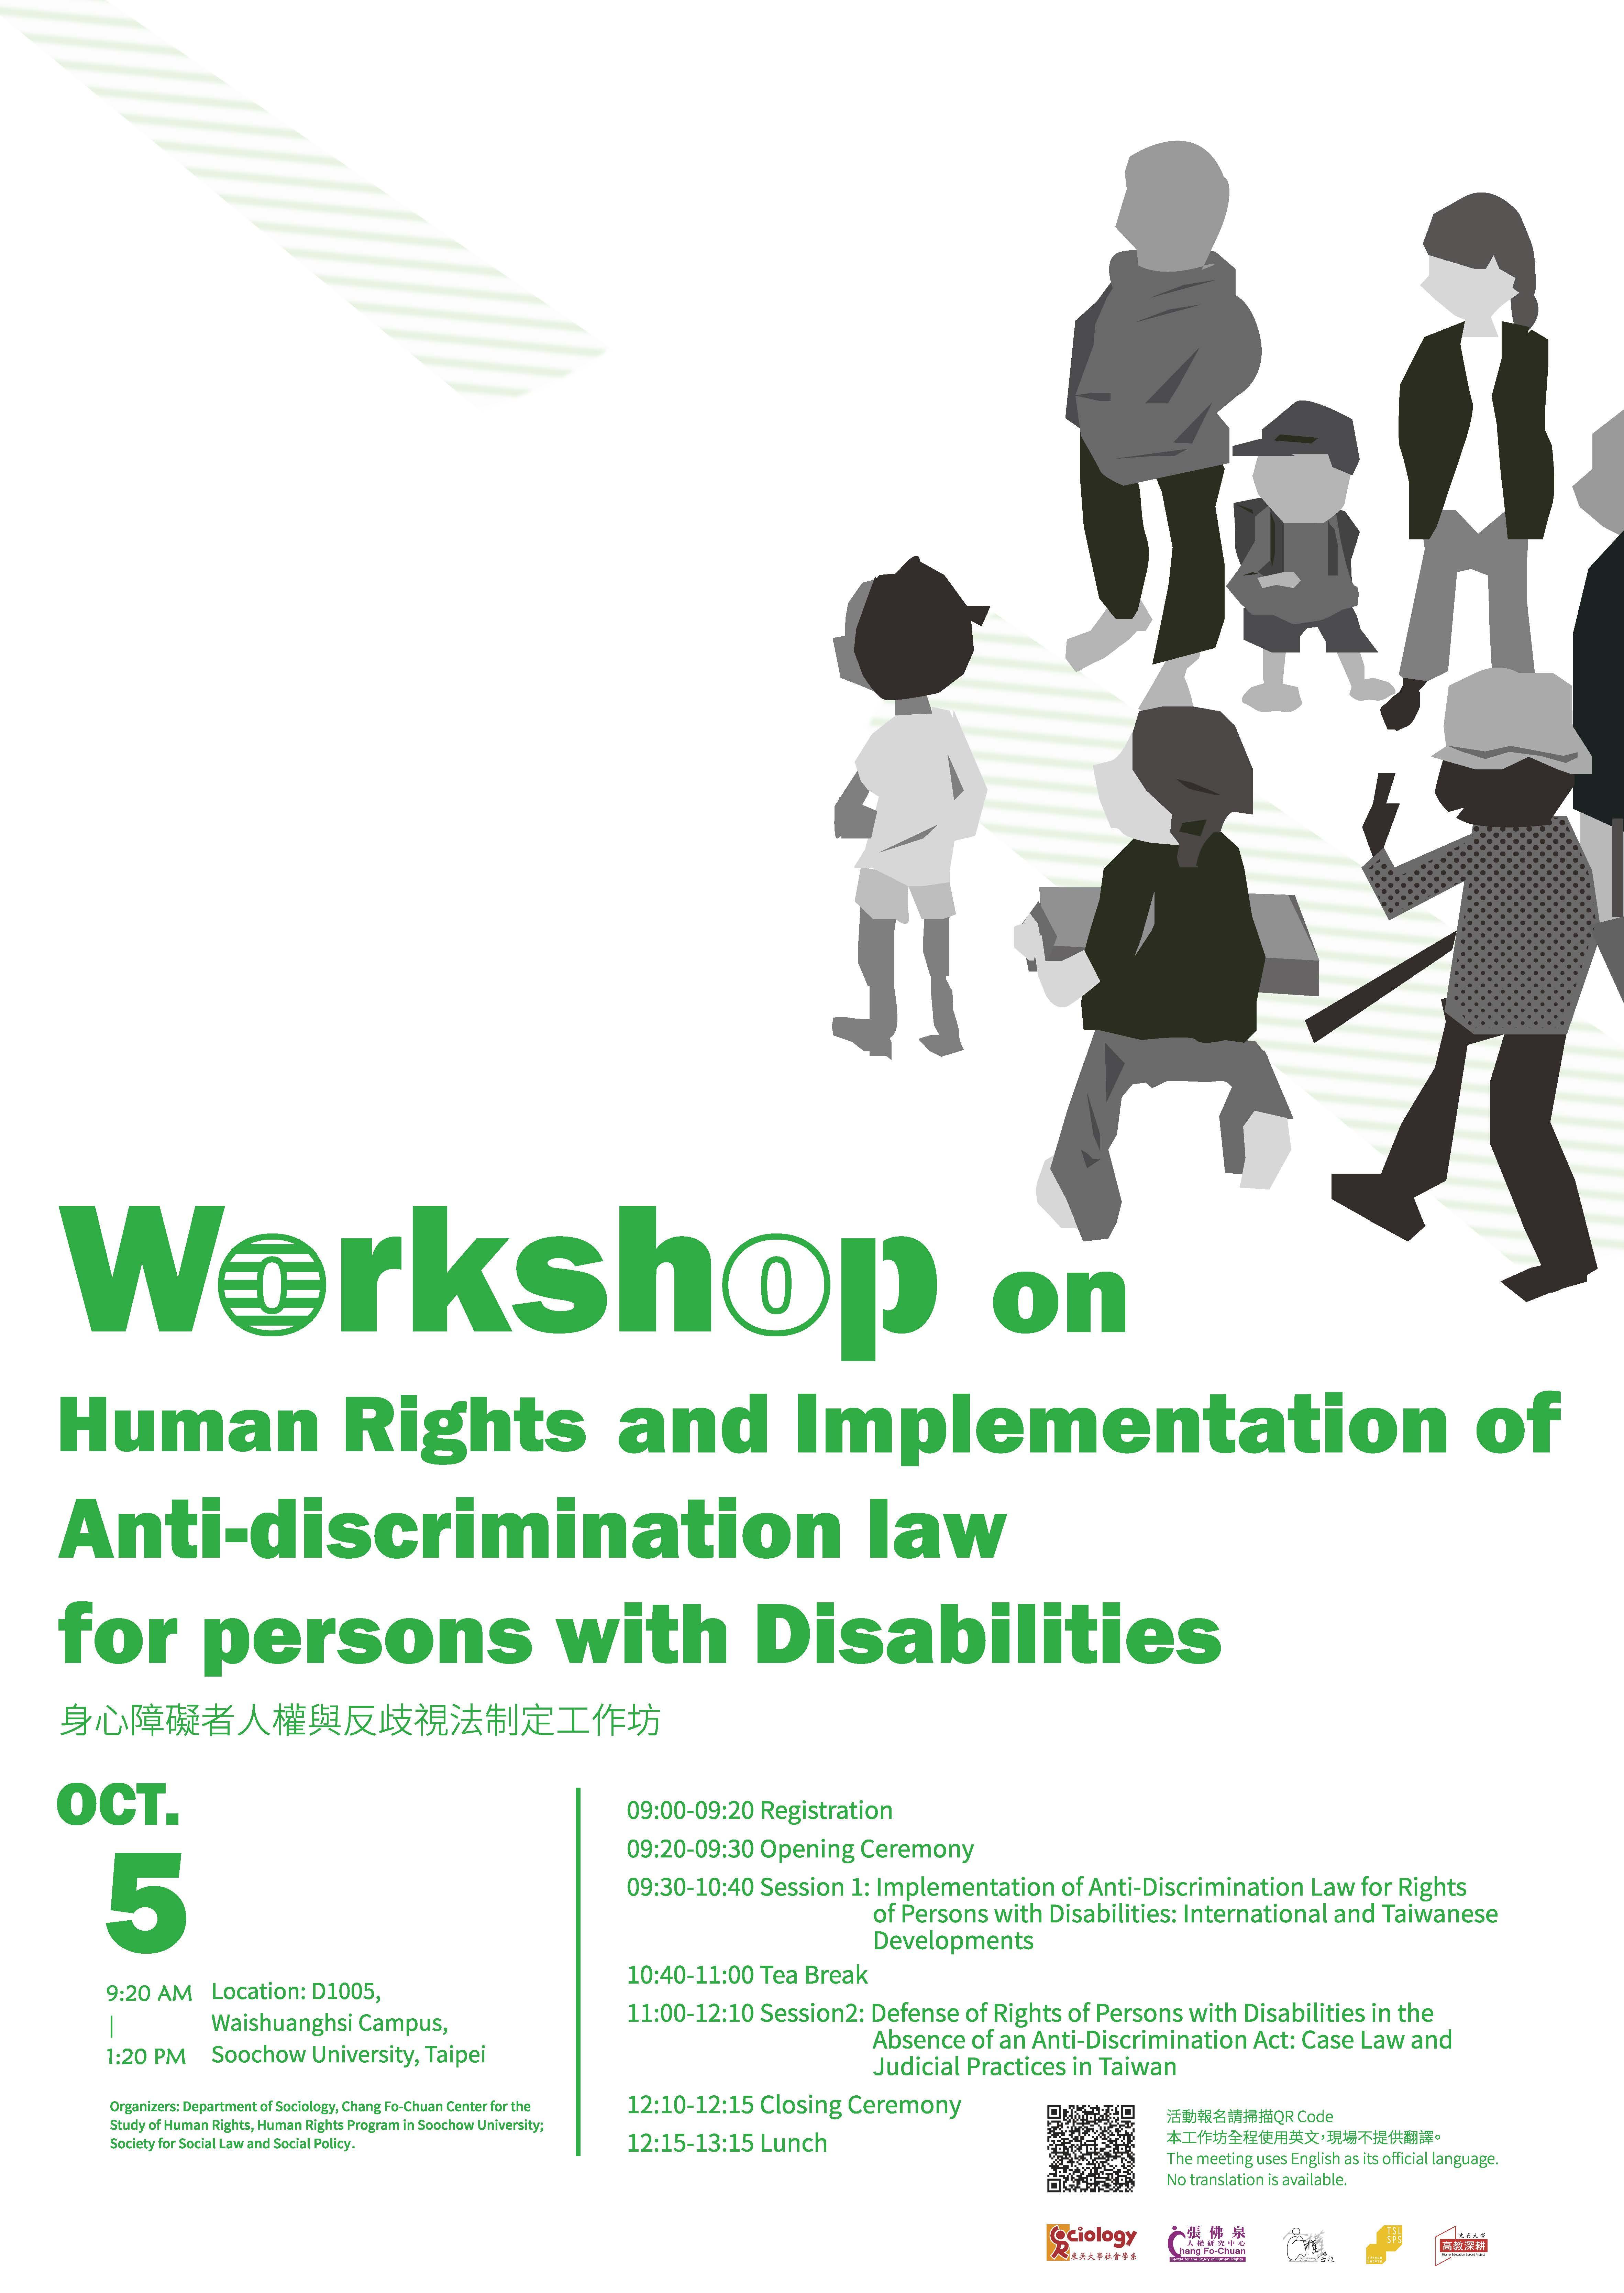 身心障礙者人權與反歧視法制定工作坊